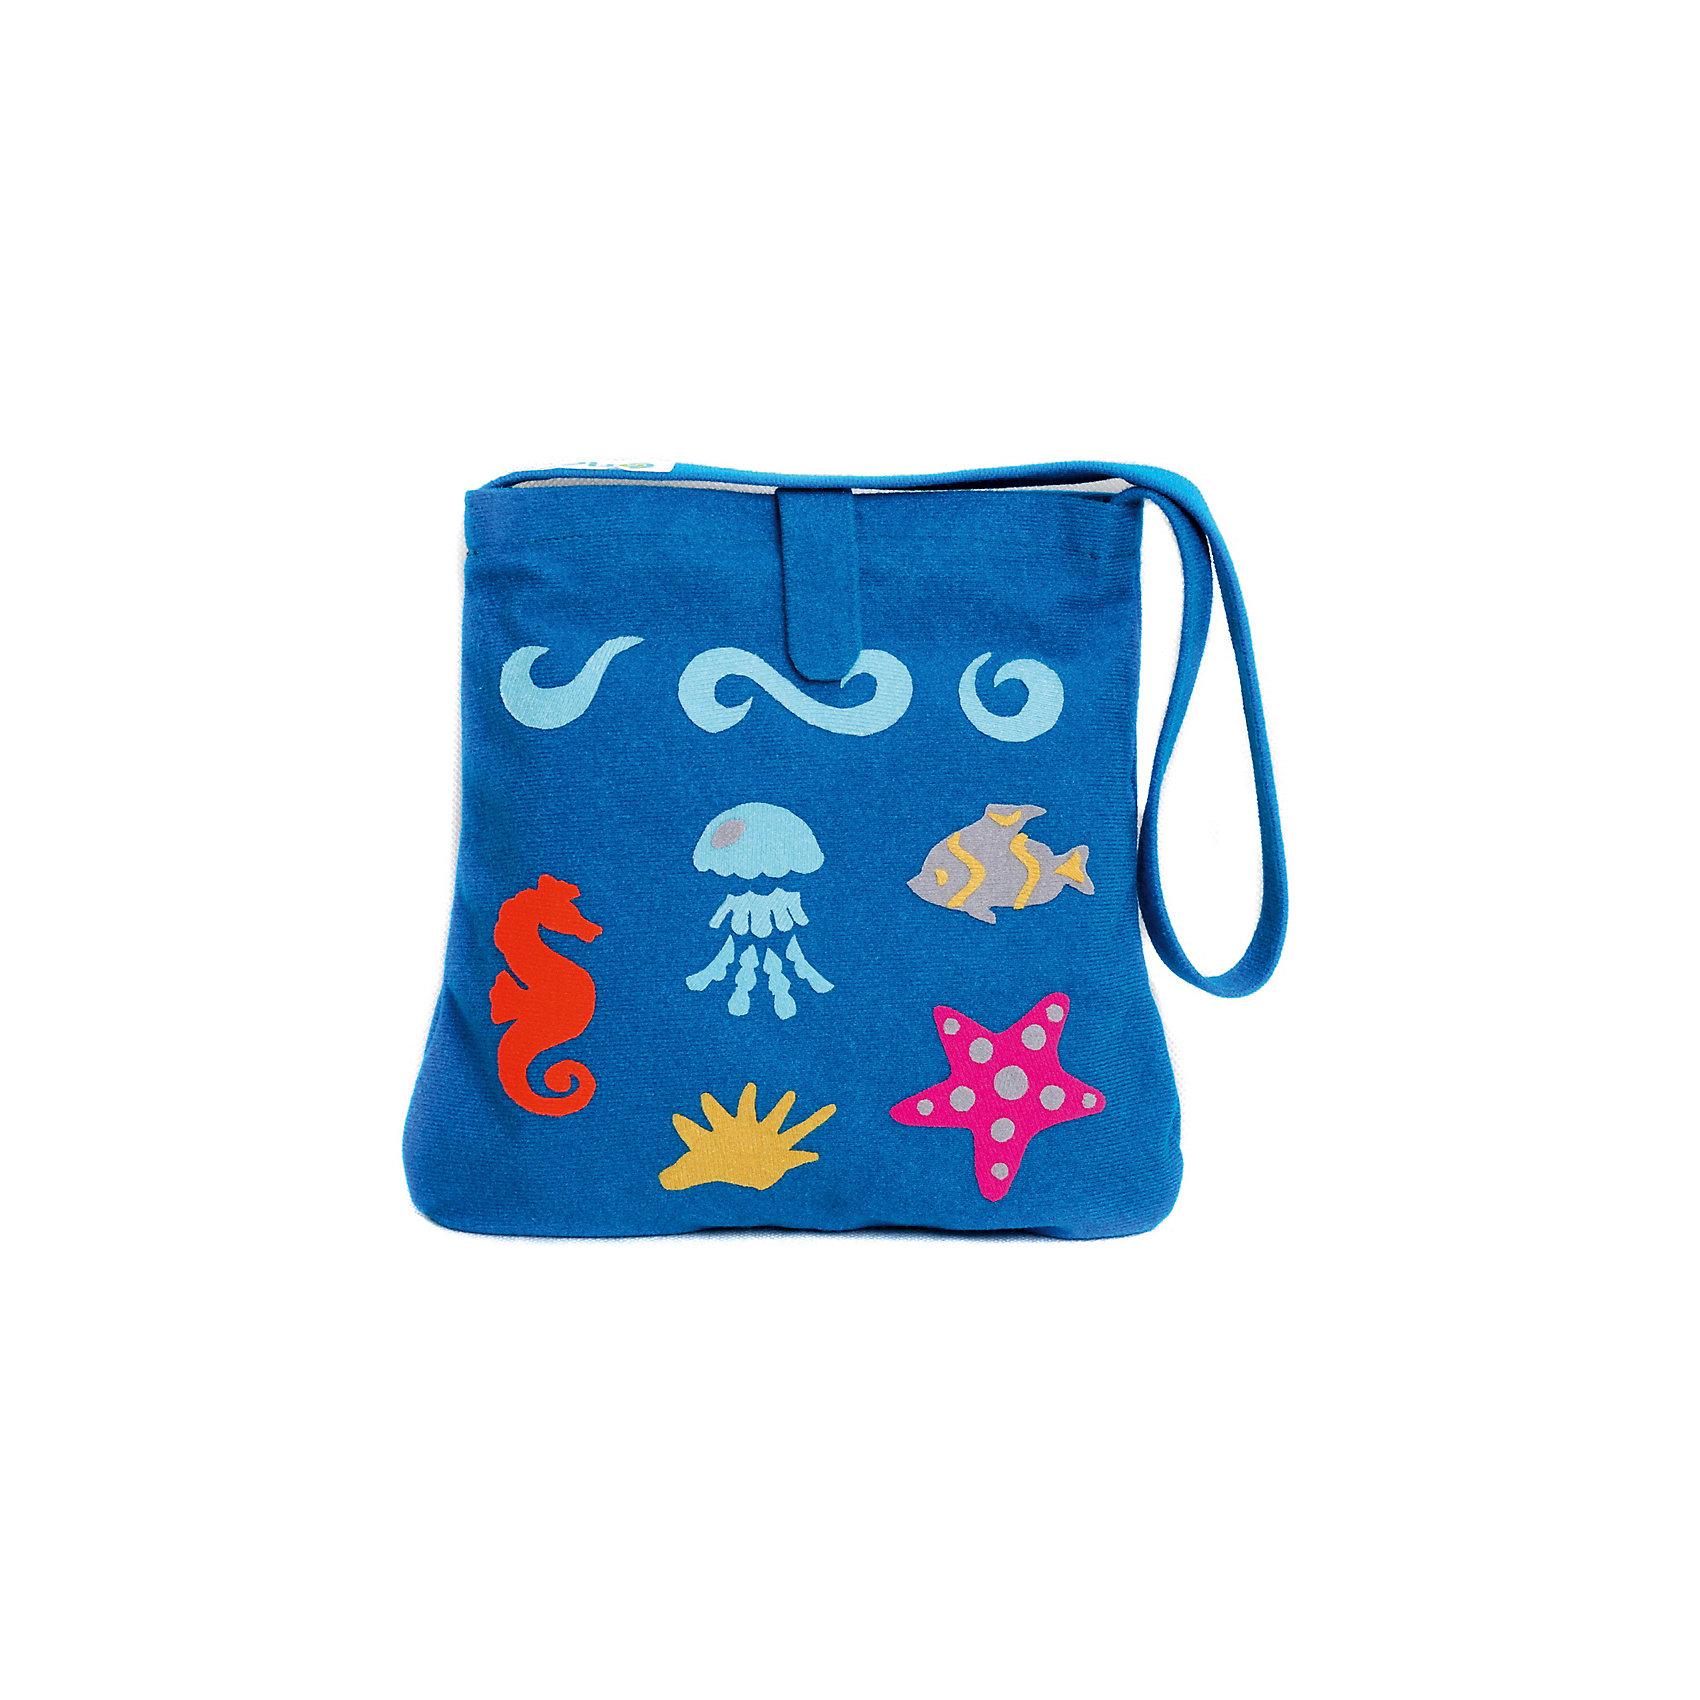 Стигис-аппликация Сумка детская, морскаяШитьё<br>Если девочка давно мечтает о красивой сумке с оригинальной аппликацией, то ей обязательно понравится набор для стигис-аппликации на сумке. Ребенок сможет самостоятельно придумать дизайн и воссоздать его на сумочке при помощи ткани с термоклеевым слоем. Достаточно вырезать нужные элементы, выложить их на сумку и прогладить утюгом - красивая и практичная сумочка готова! В случае ошибки ткань можно снова прогладить утюгом, и она отклеится. Такой вид детского творчество хорошо развивает аккуратность, воображение и дизайнерские способности. Отличный подарок для юных рукодельниц!<br><br>Дополнительная информация: <br>В комплекте: сумка, кусочки stigis-ткани, выкройки, инструкция<br>Цвет: синий<br>Размер: 3,5х27х20 см<br>Вес: 110 грамм<br>Набор для стигис-аппликации можно купить в нашем интернет-магазине.<br><br>Ширина мм: 200<br>Глубина мм: 270<br>Высота мм: 35<br>Вес г: 110<br>Возраст от месяцев: 60<br>Возраст до месяцев: 120<br>Пол: Унисекс<br>Возраст: Детский<br>SKU: 4939424